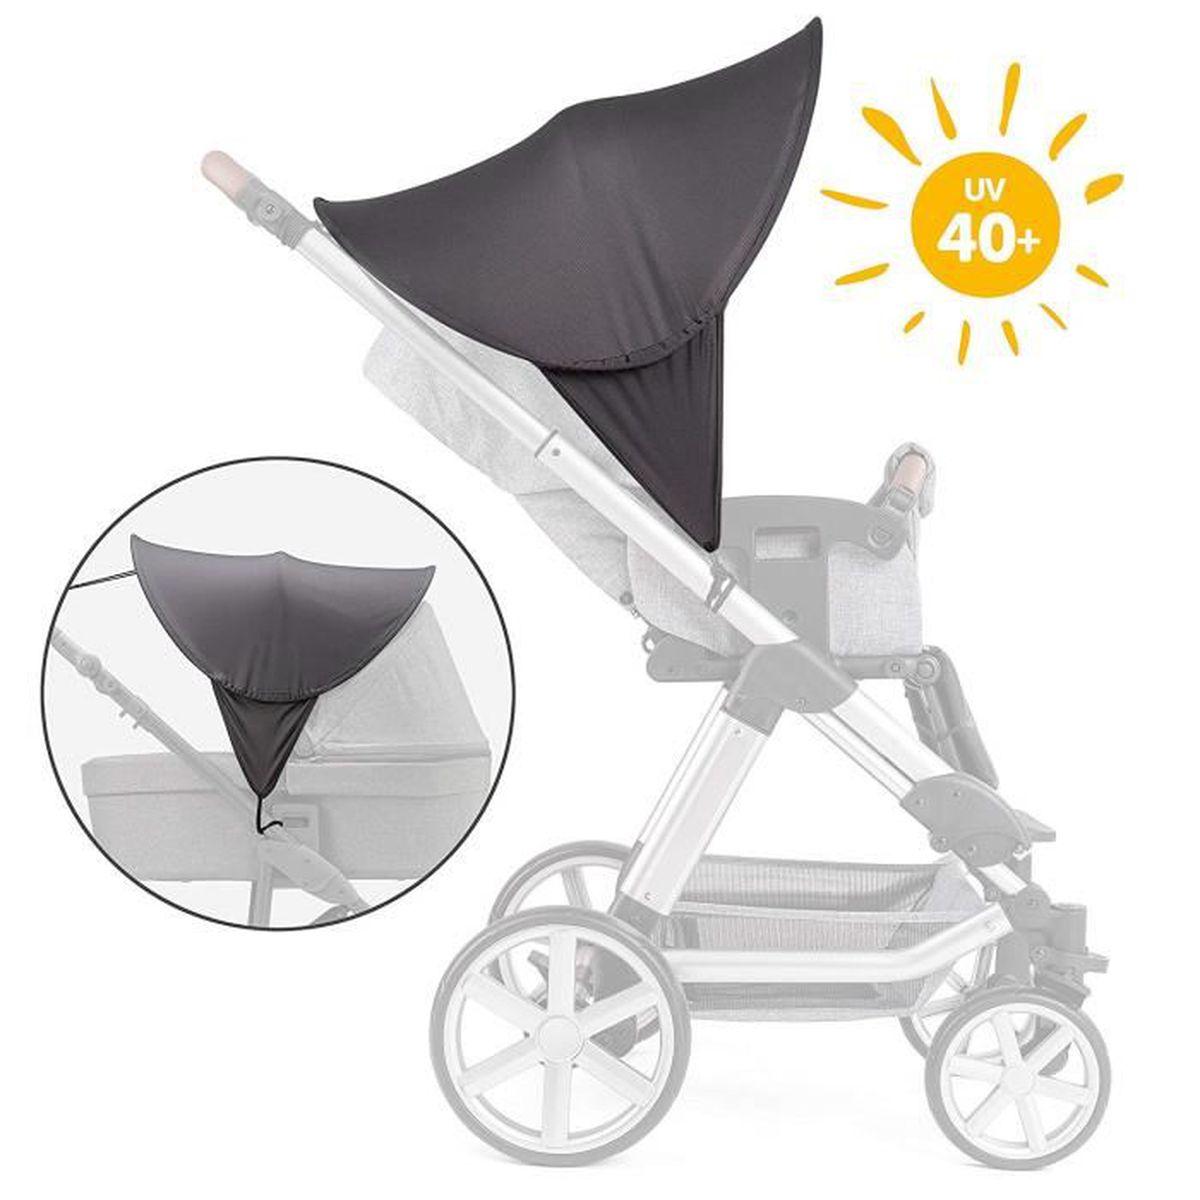 Universel Anti-vent et anti-UV Pare-soleil pour poussette et si/ège de voiture